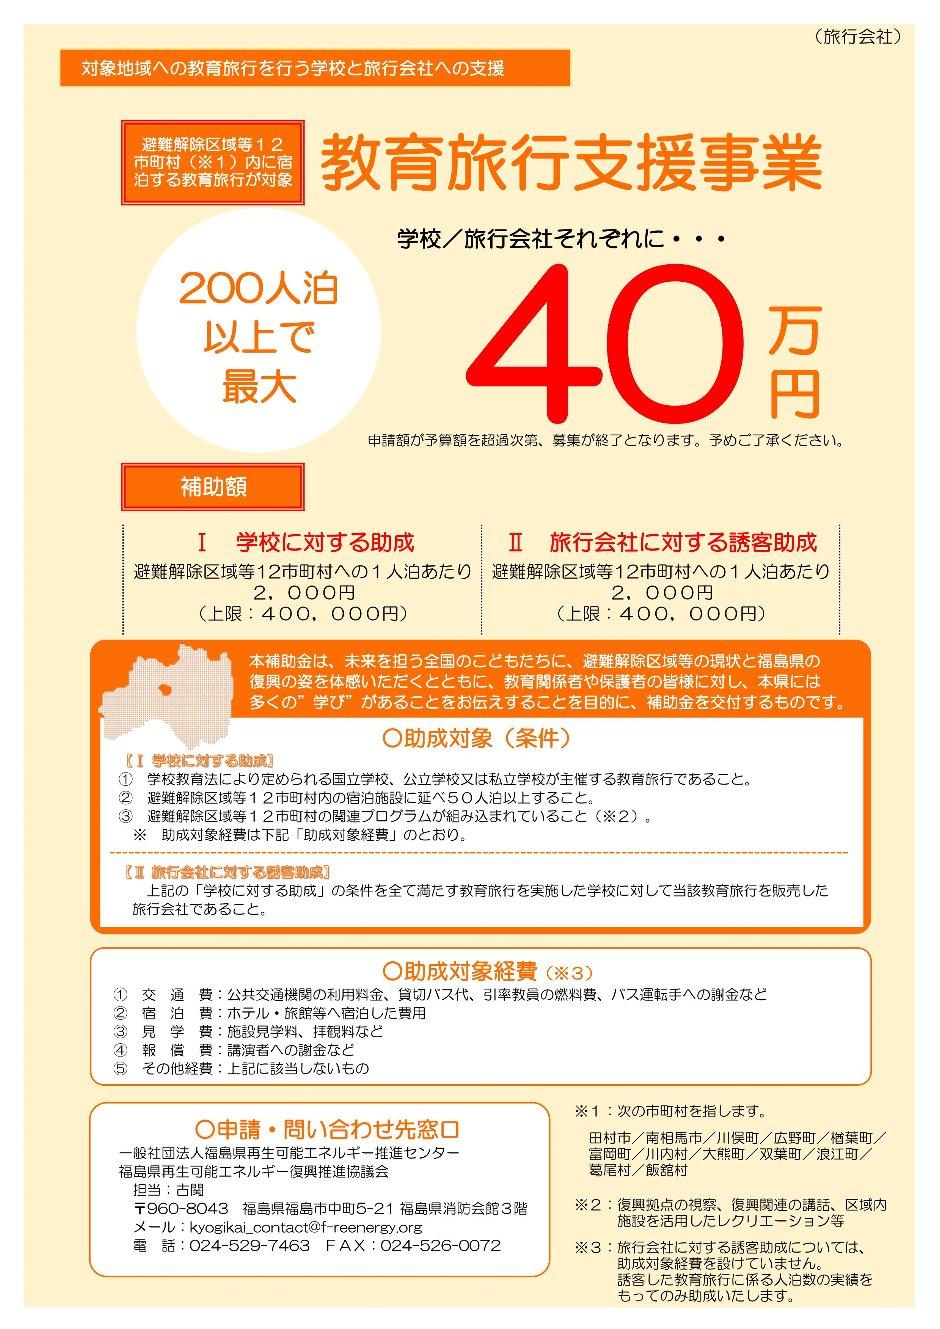 【教育旅行支援事業】福島県再生可能エネルギー復興推進協議会